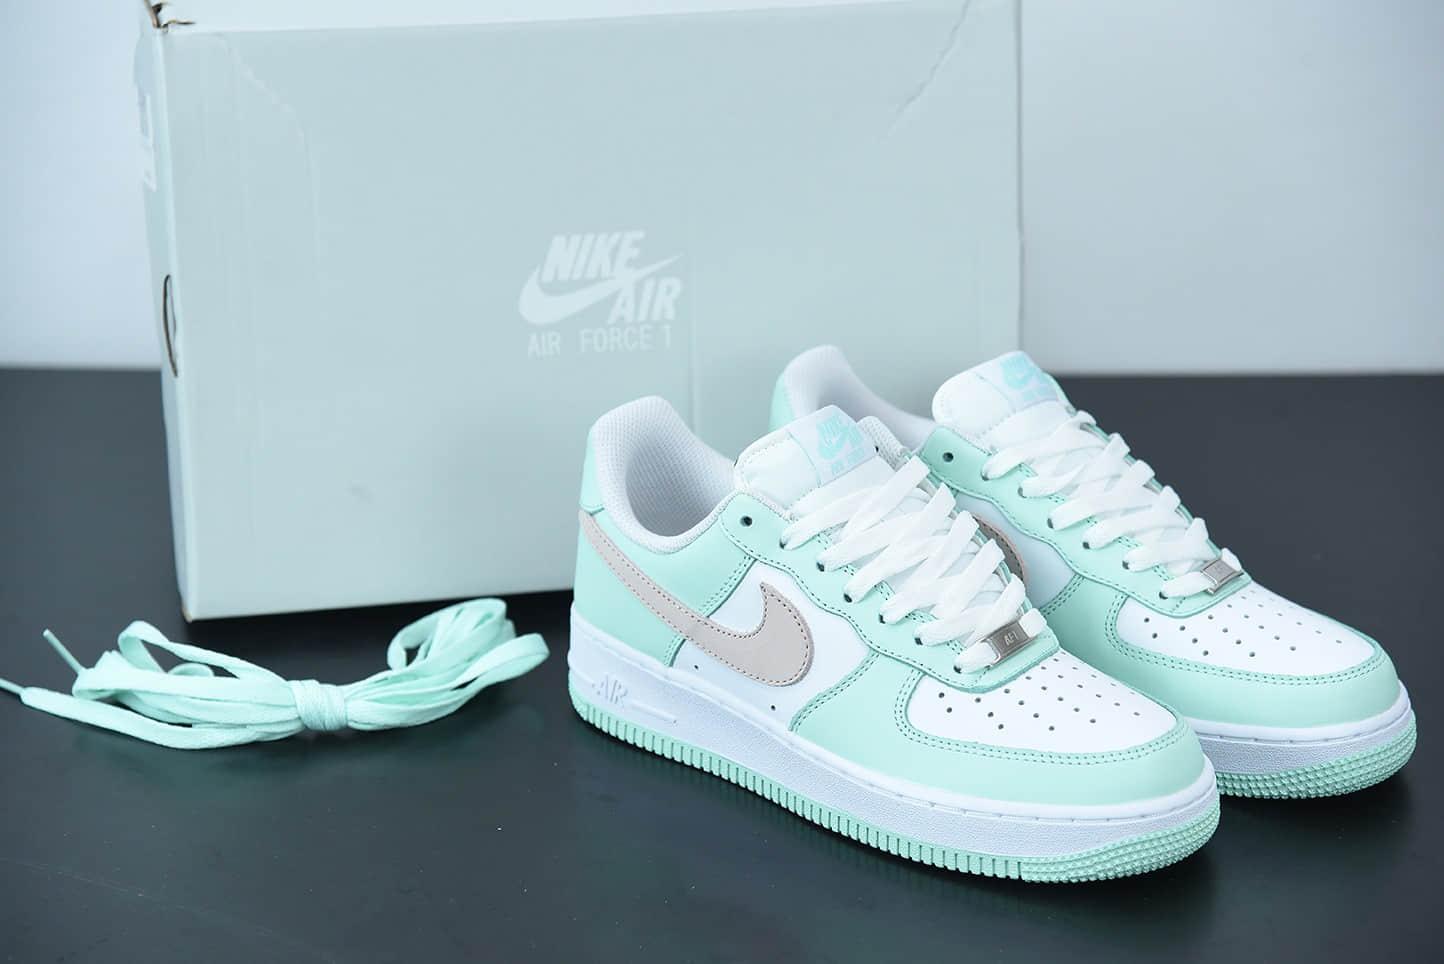 耐克 Nike Air Force 1 '07 蒂芙尼白绿空军一号低帮休闲板鞋纯原版本 货号:AA1726-111